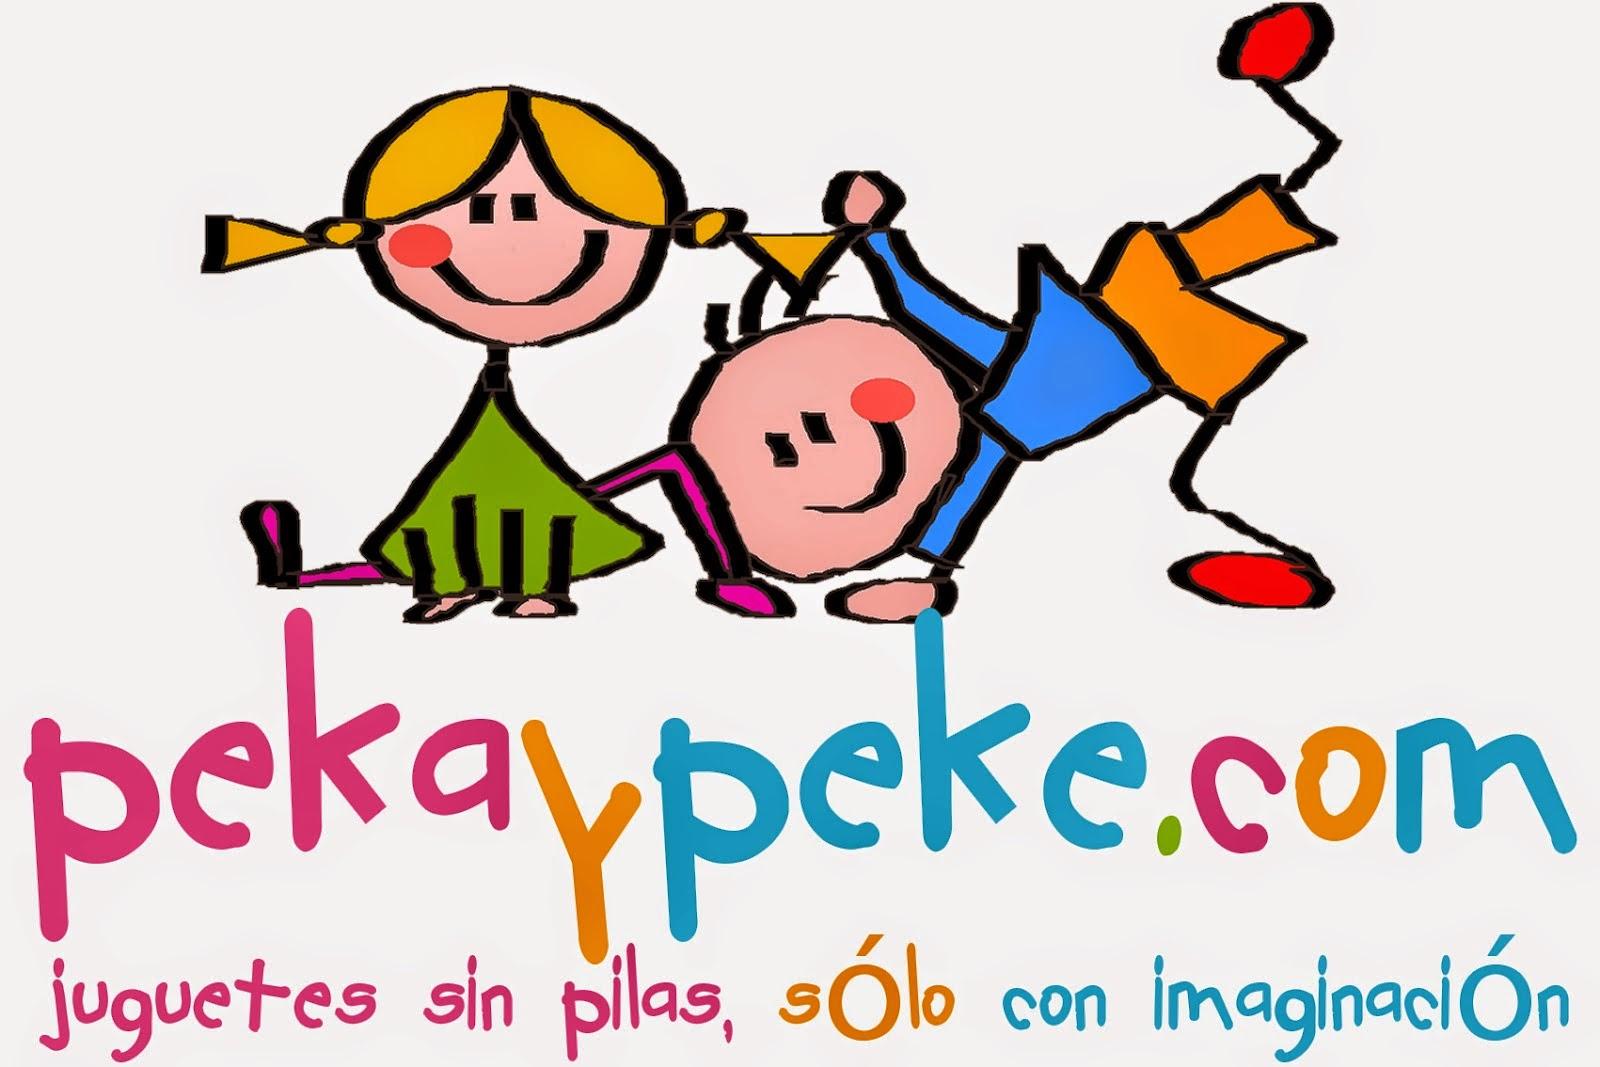 PEKA Y PEKE